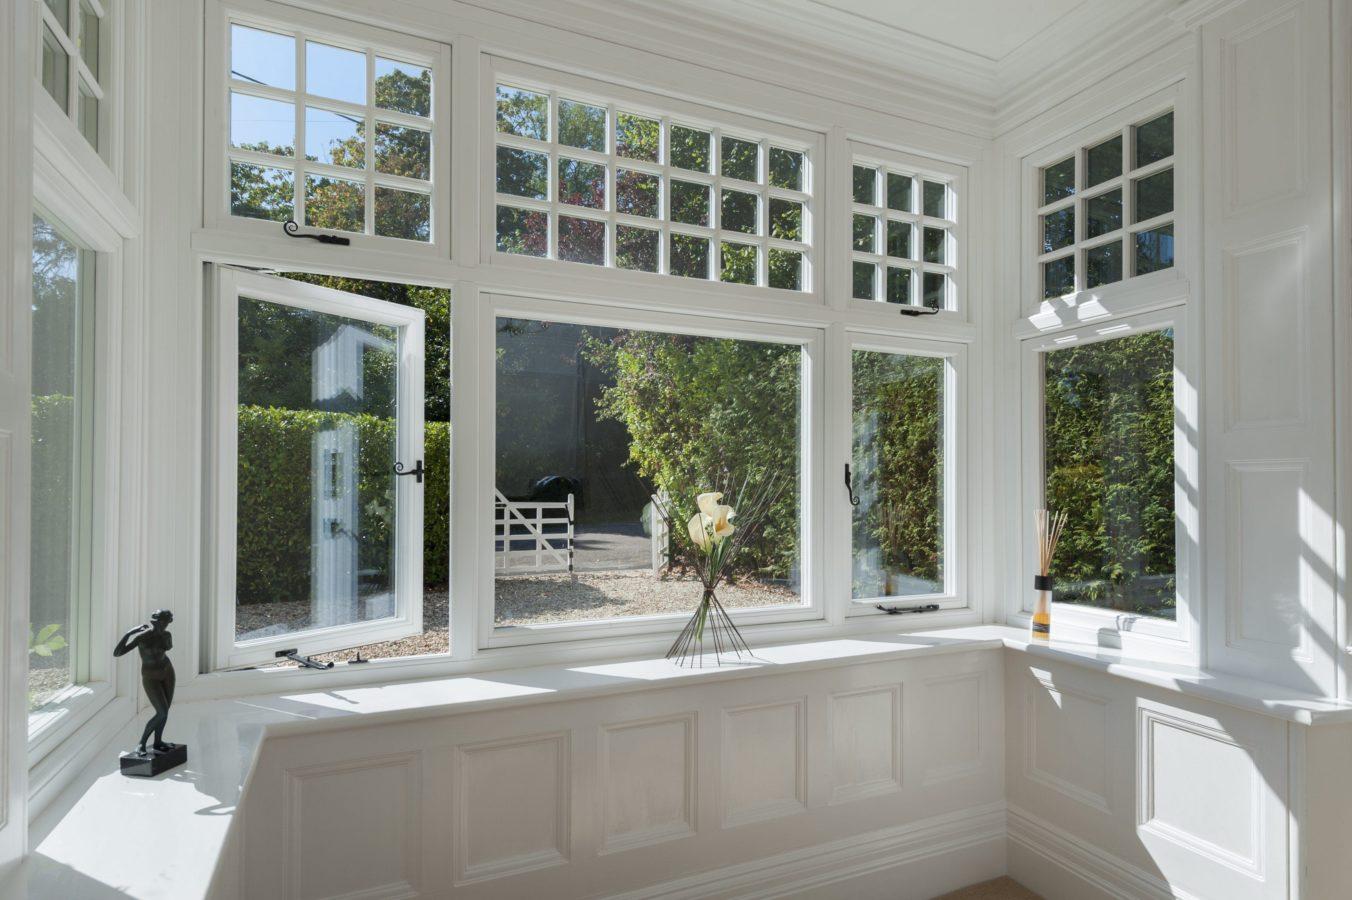 residence 9 window cost salisbury wiltshire